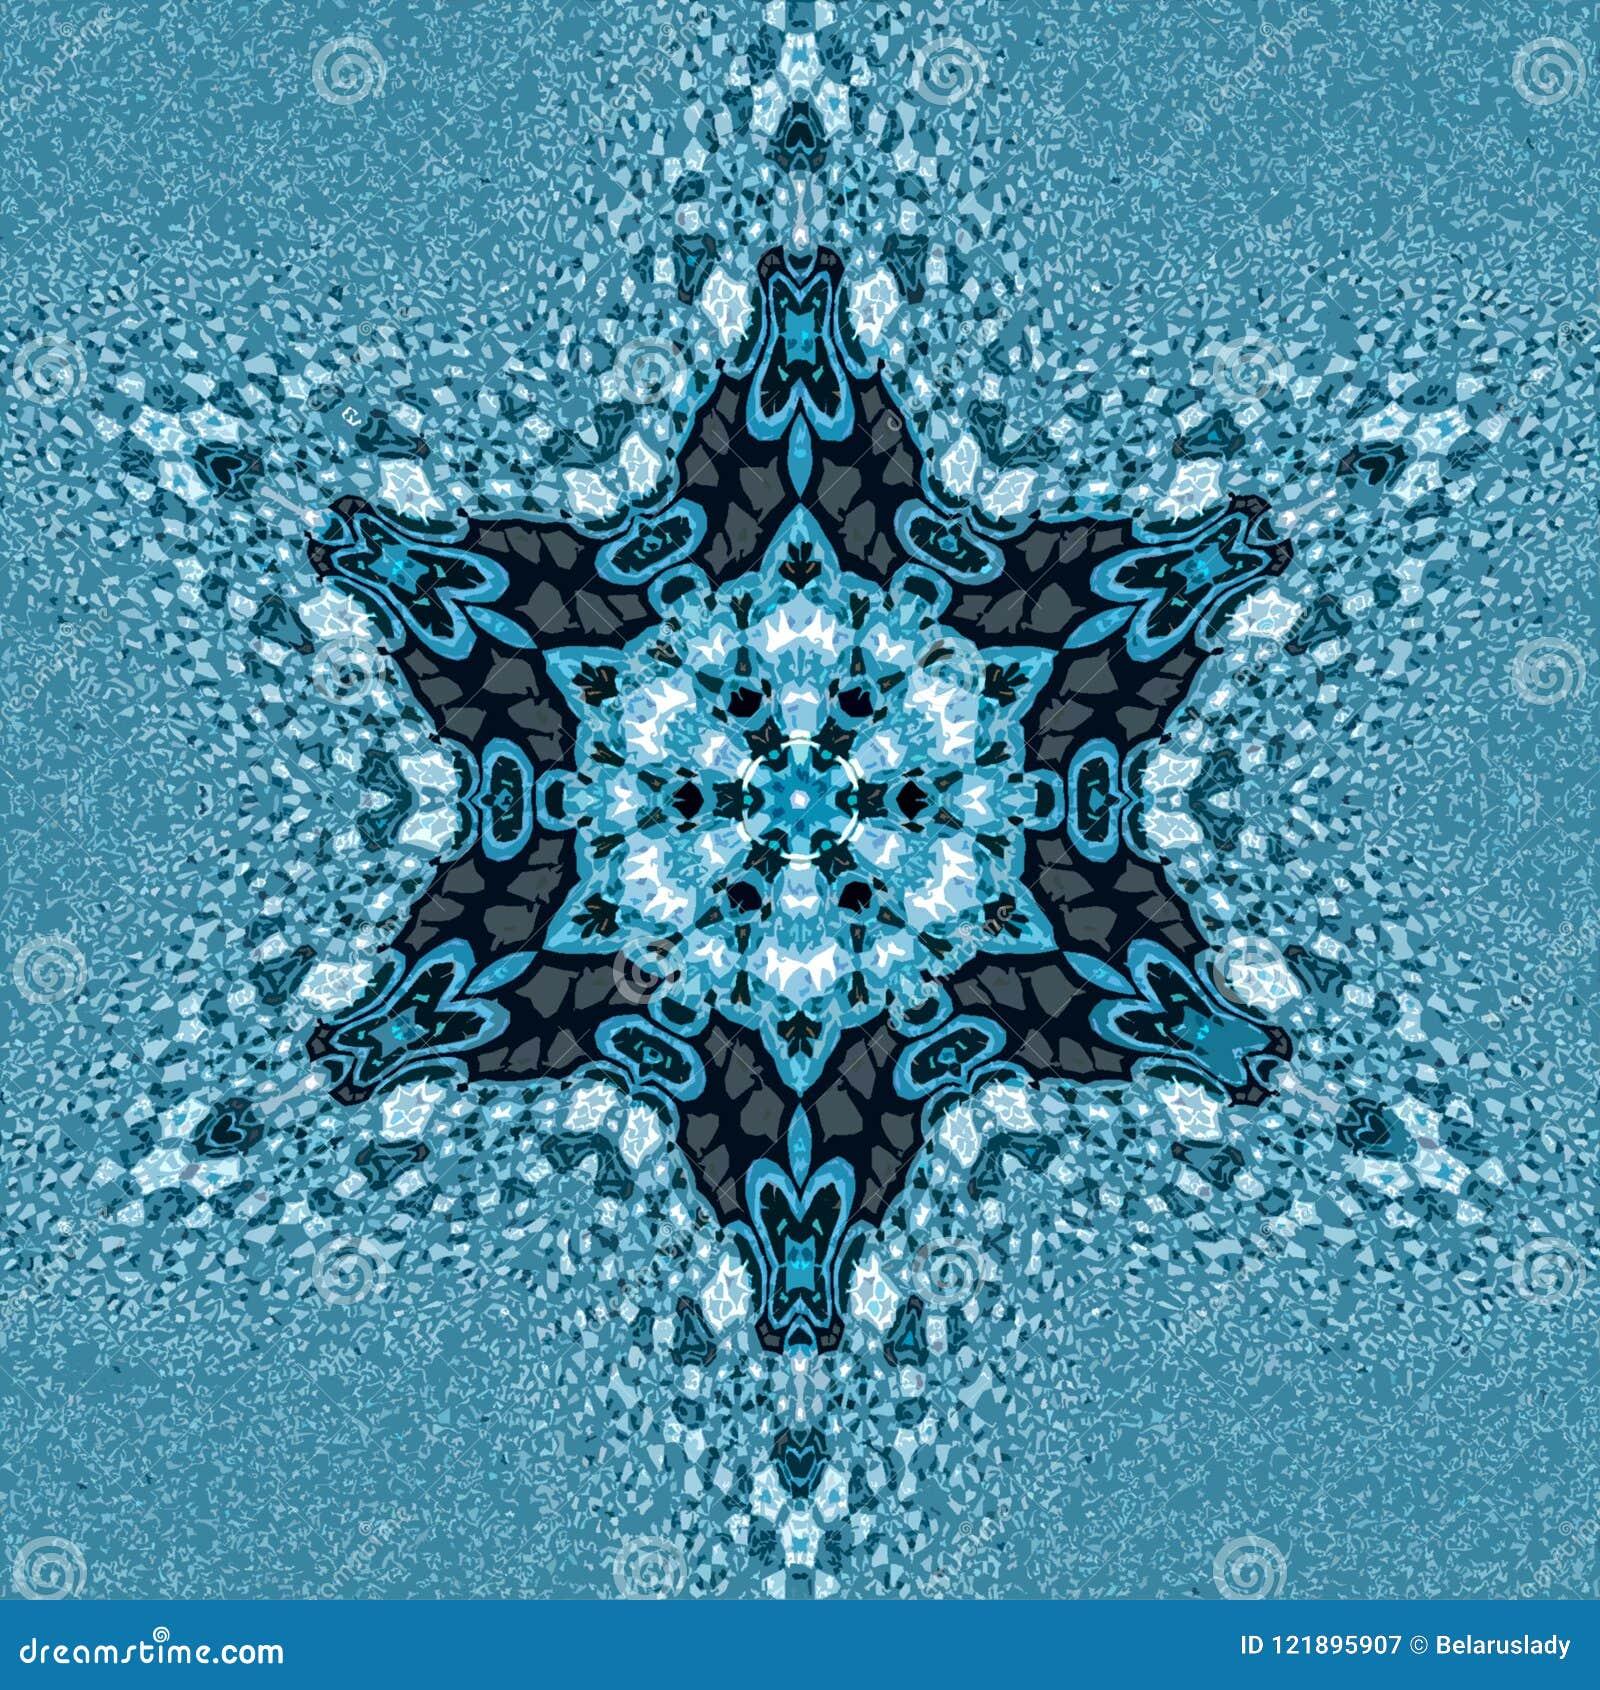 Mandala ornamentale del fiocco di neve di miracolo ed effetto di frattale nello stile russo